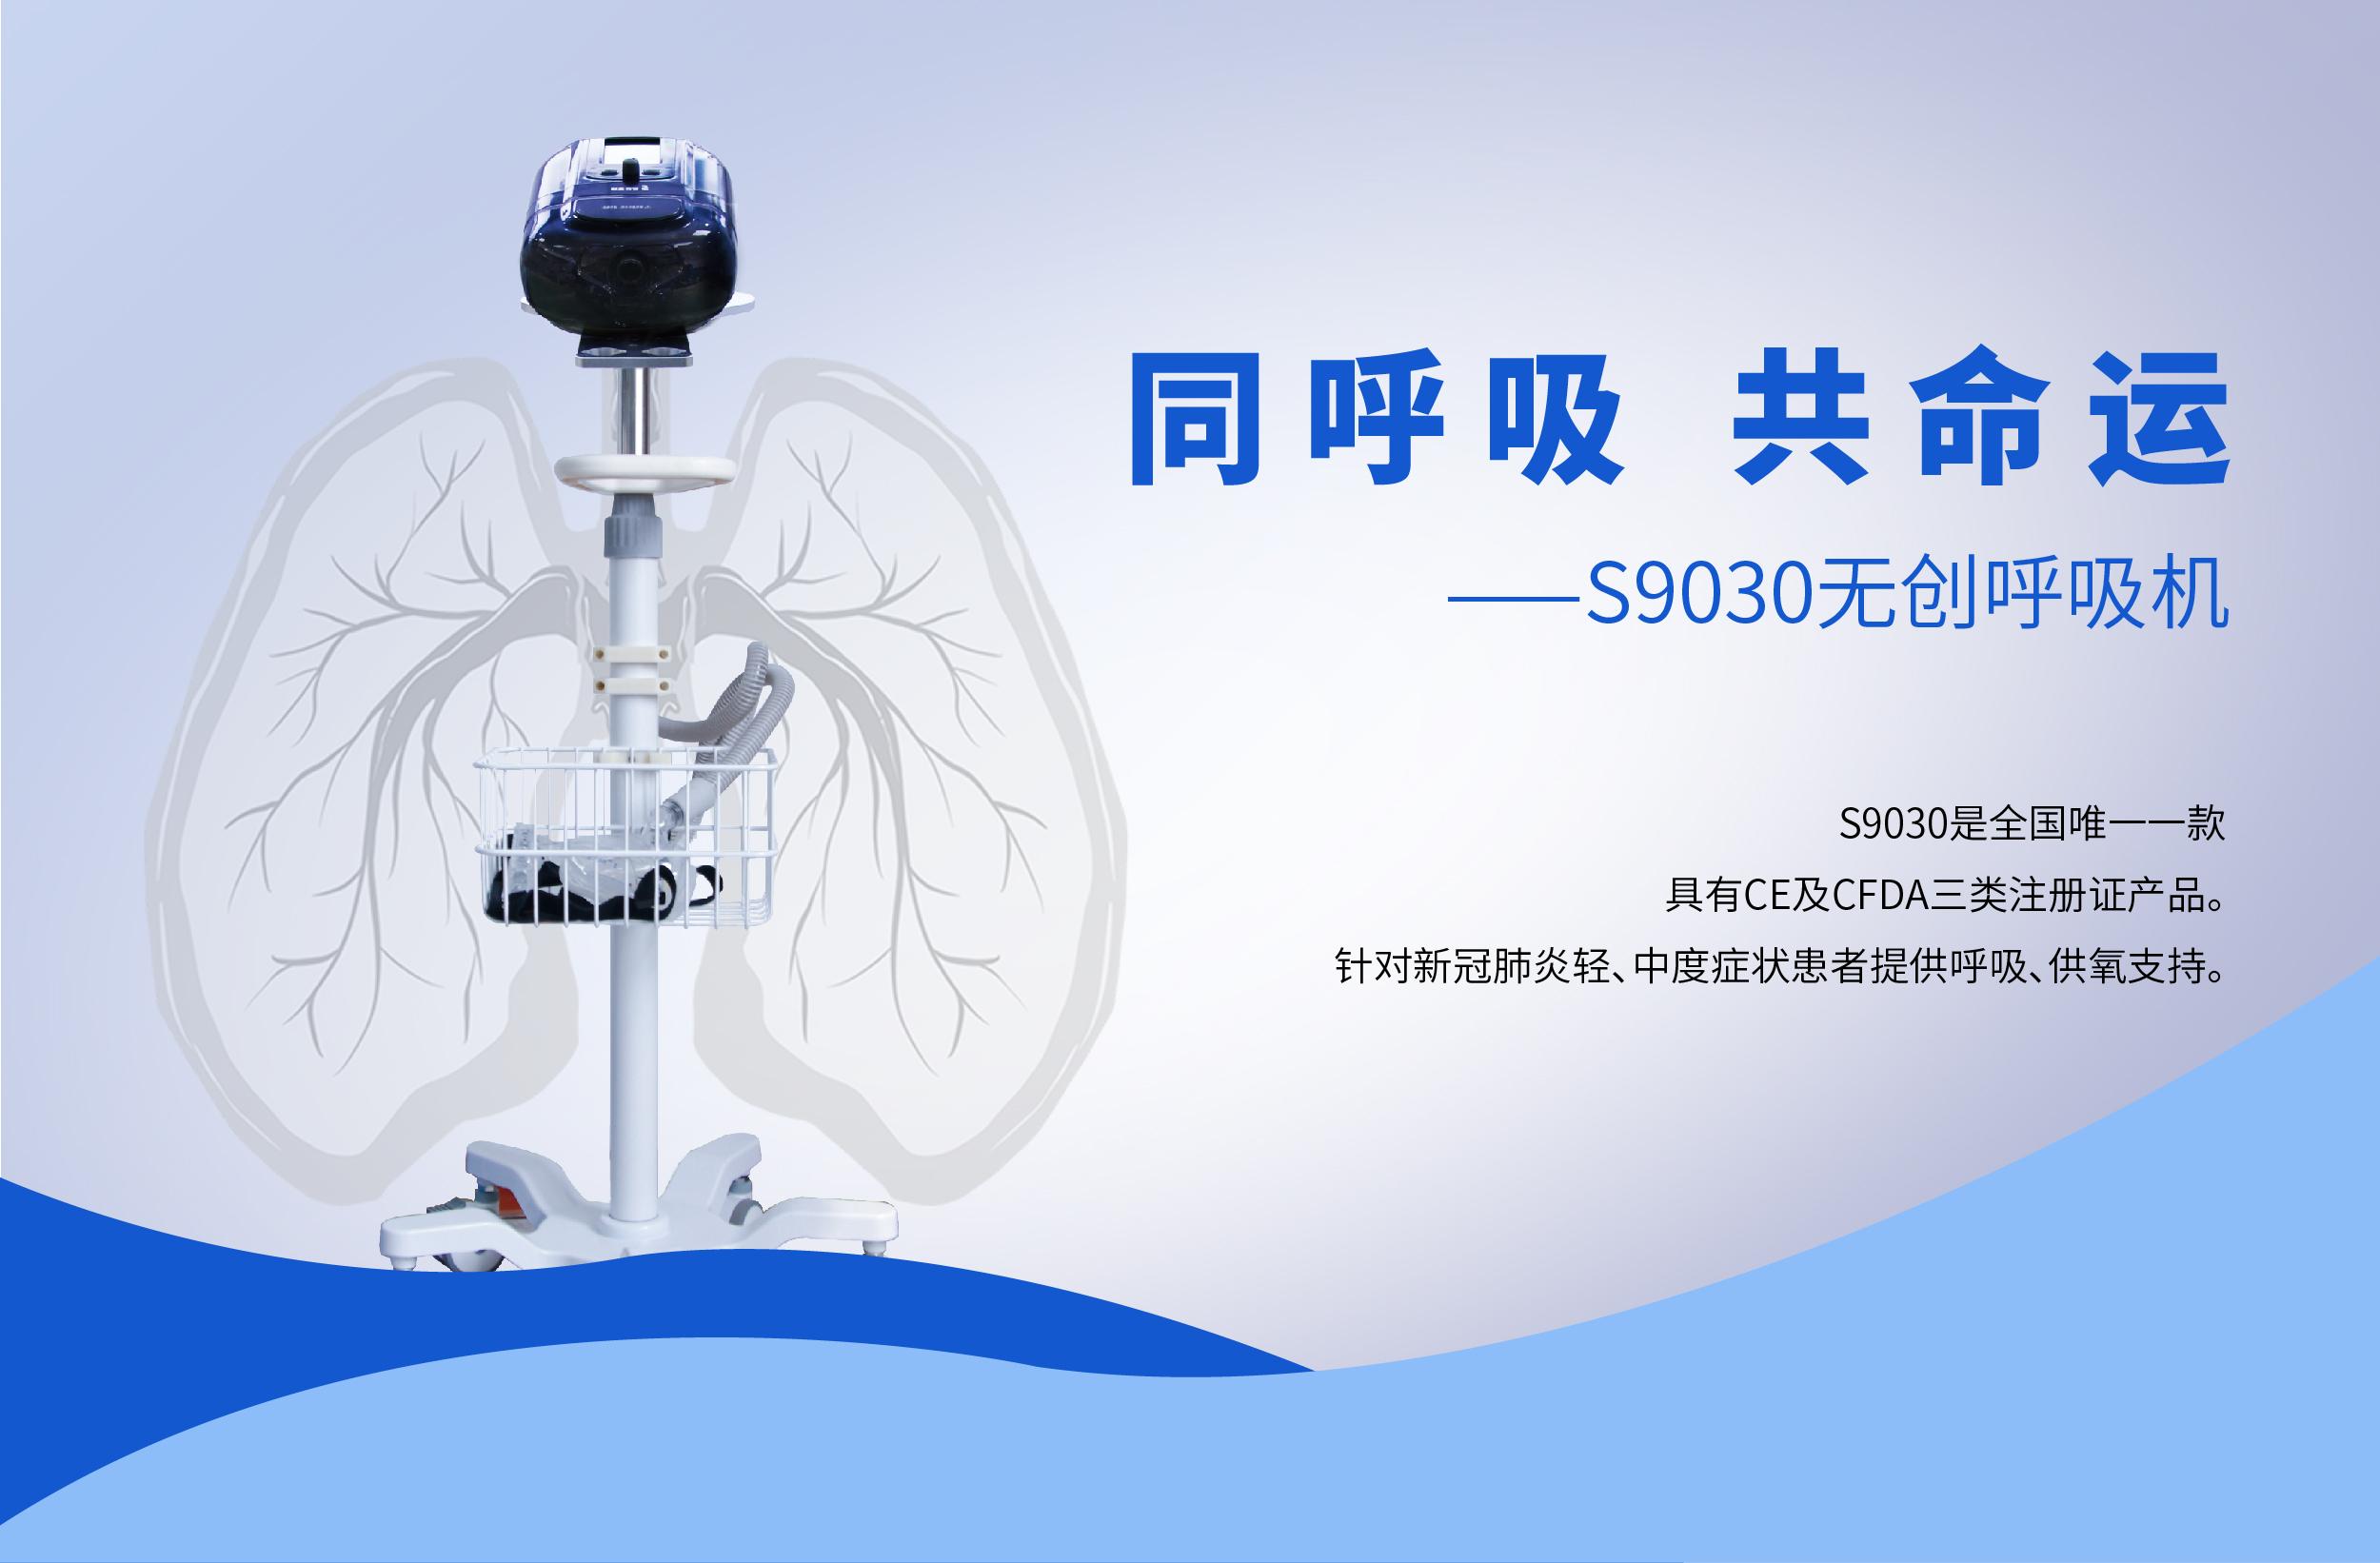 抗疫医疗设备——呼吸机